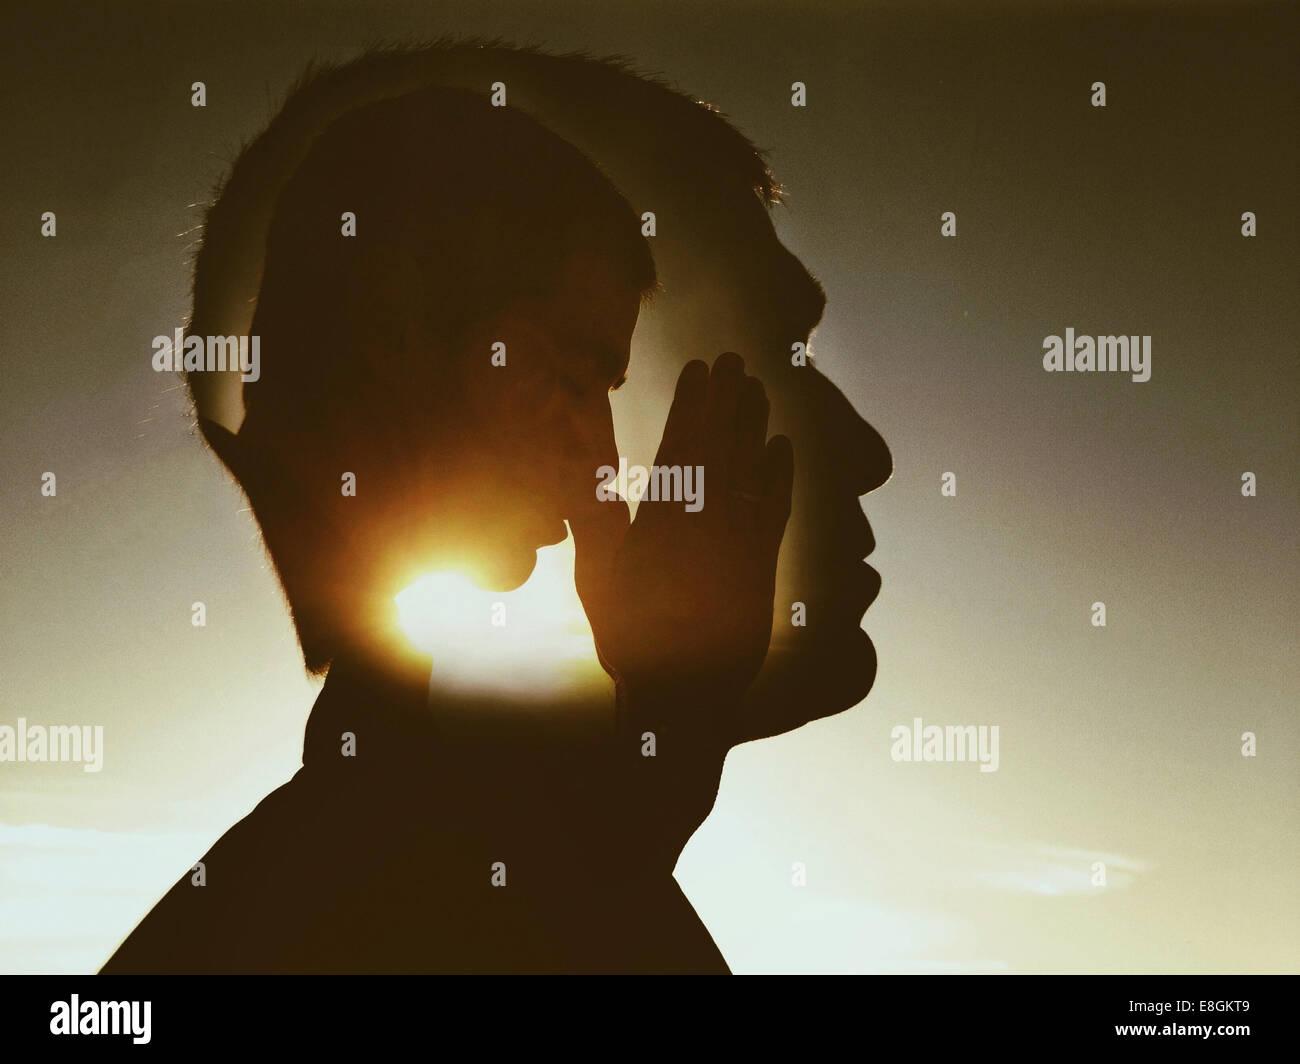 Compuesta digital del orante Imagen De Stock